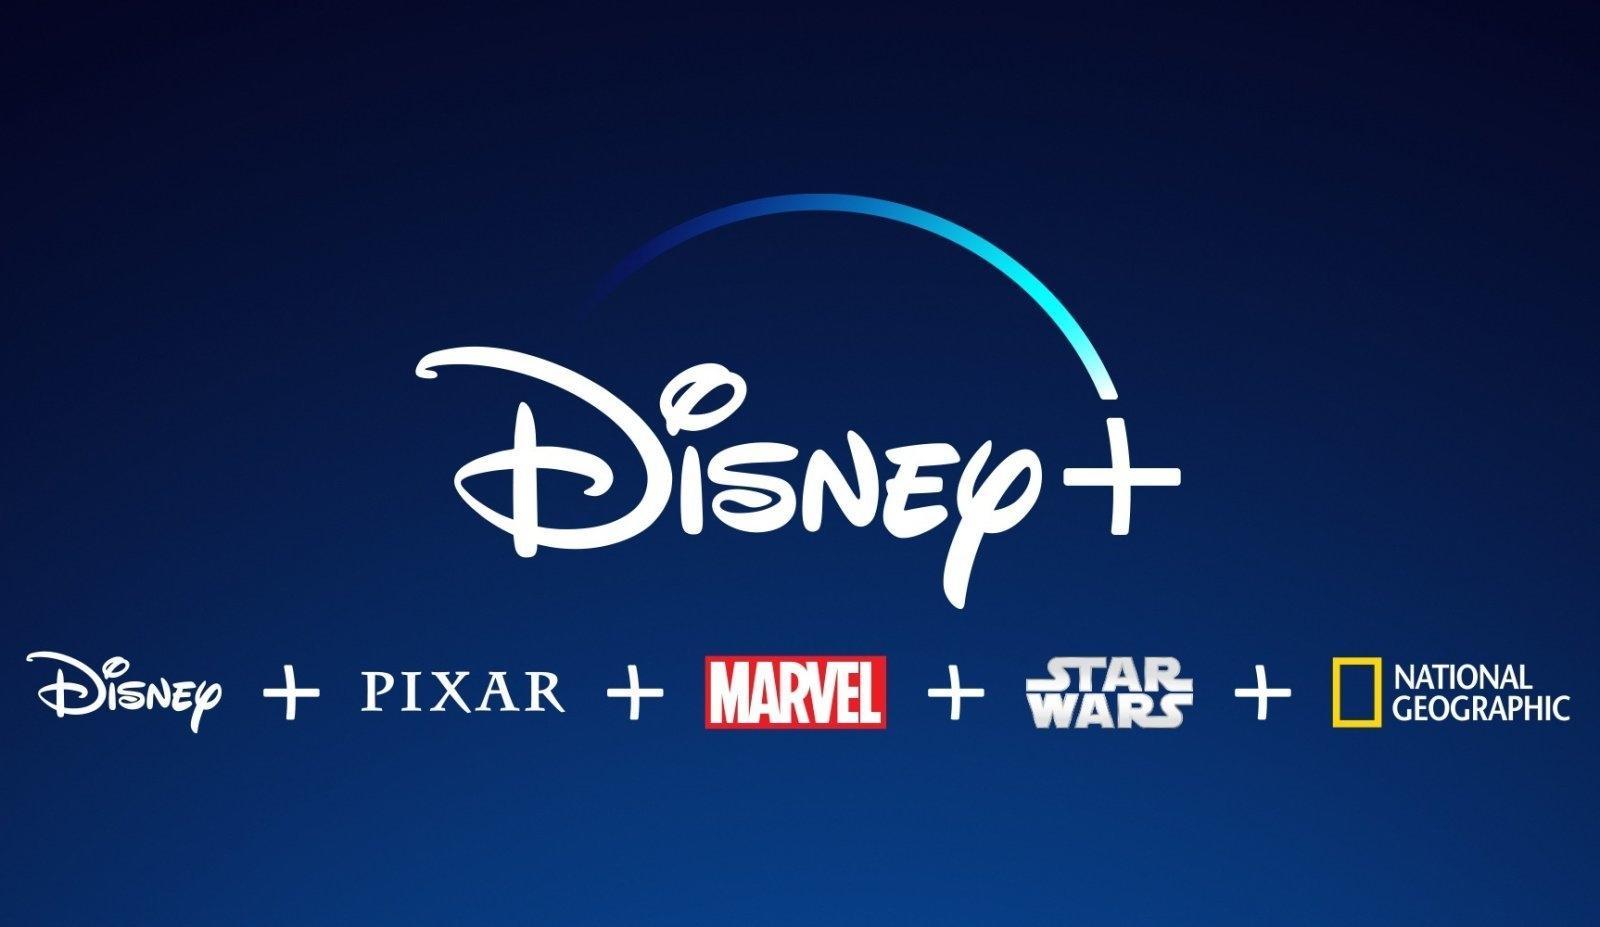 Disney+ предупреждает зрителей об «устаревших культурных изображениях» в старых фильмах